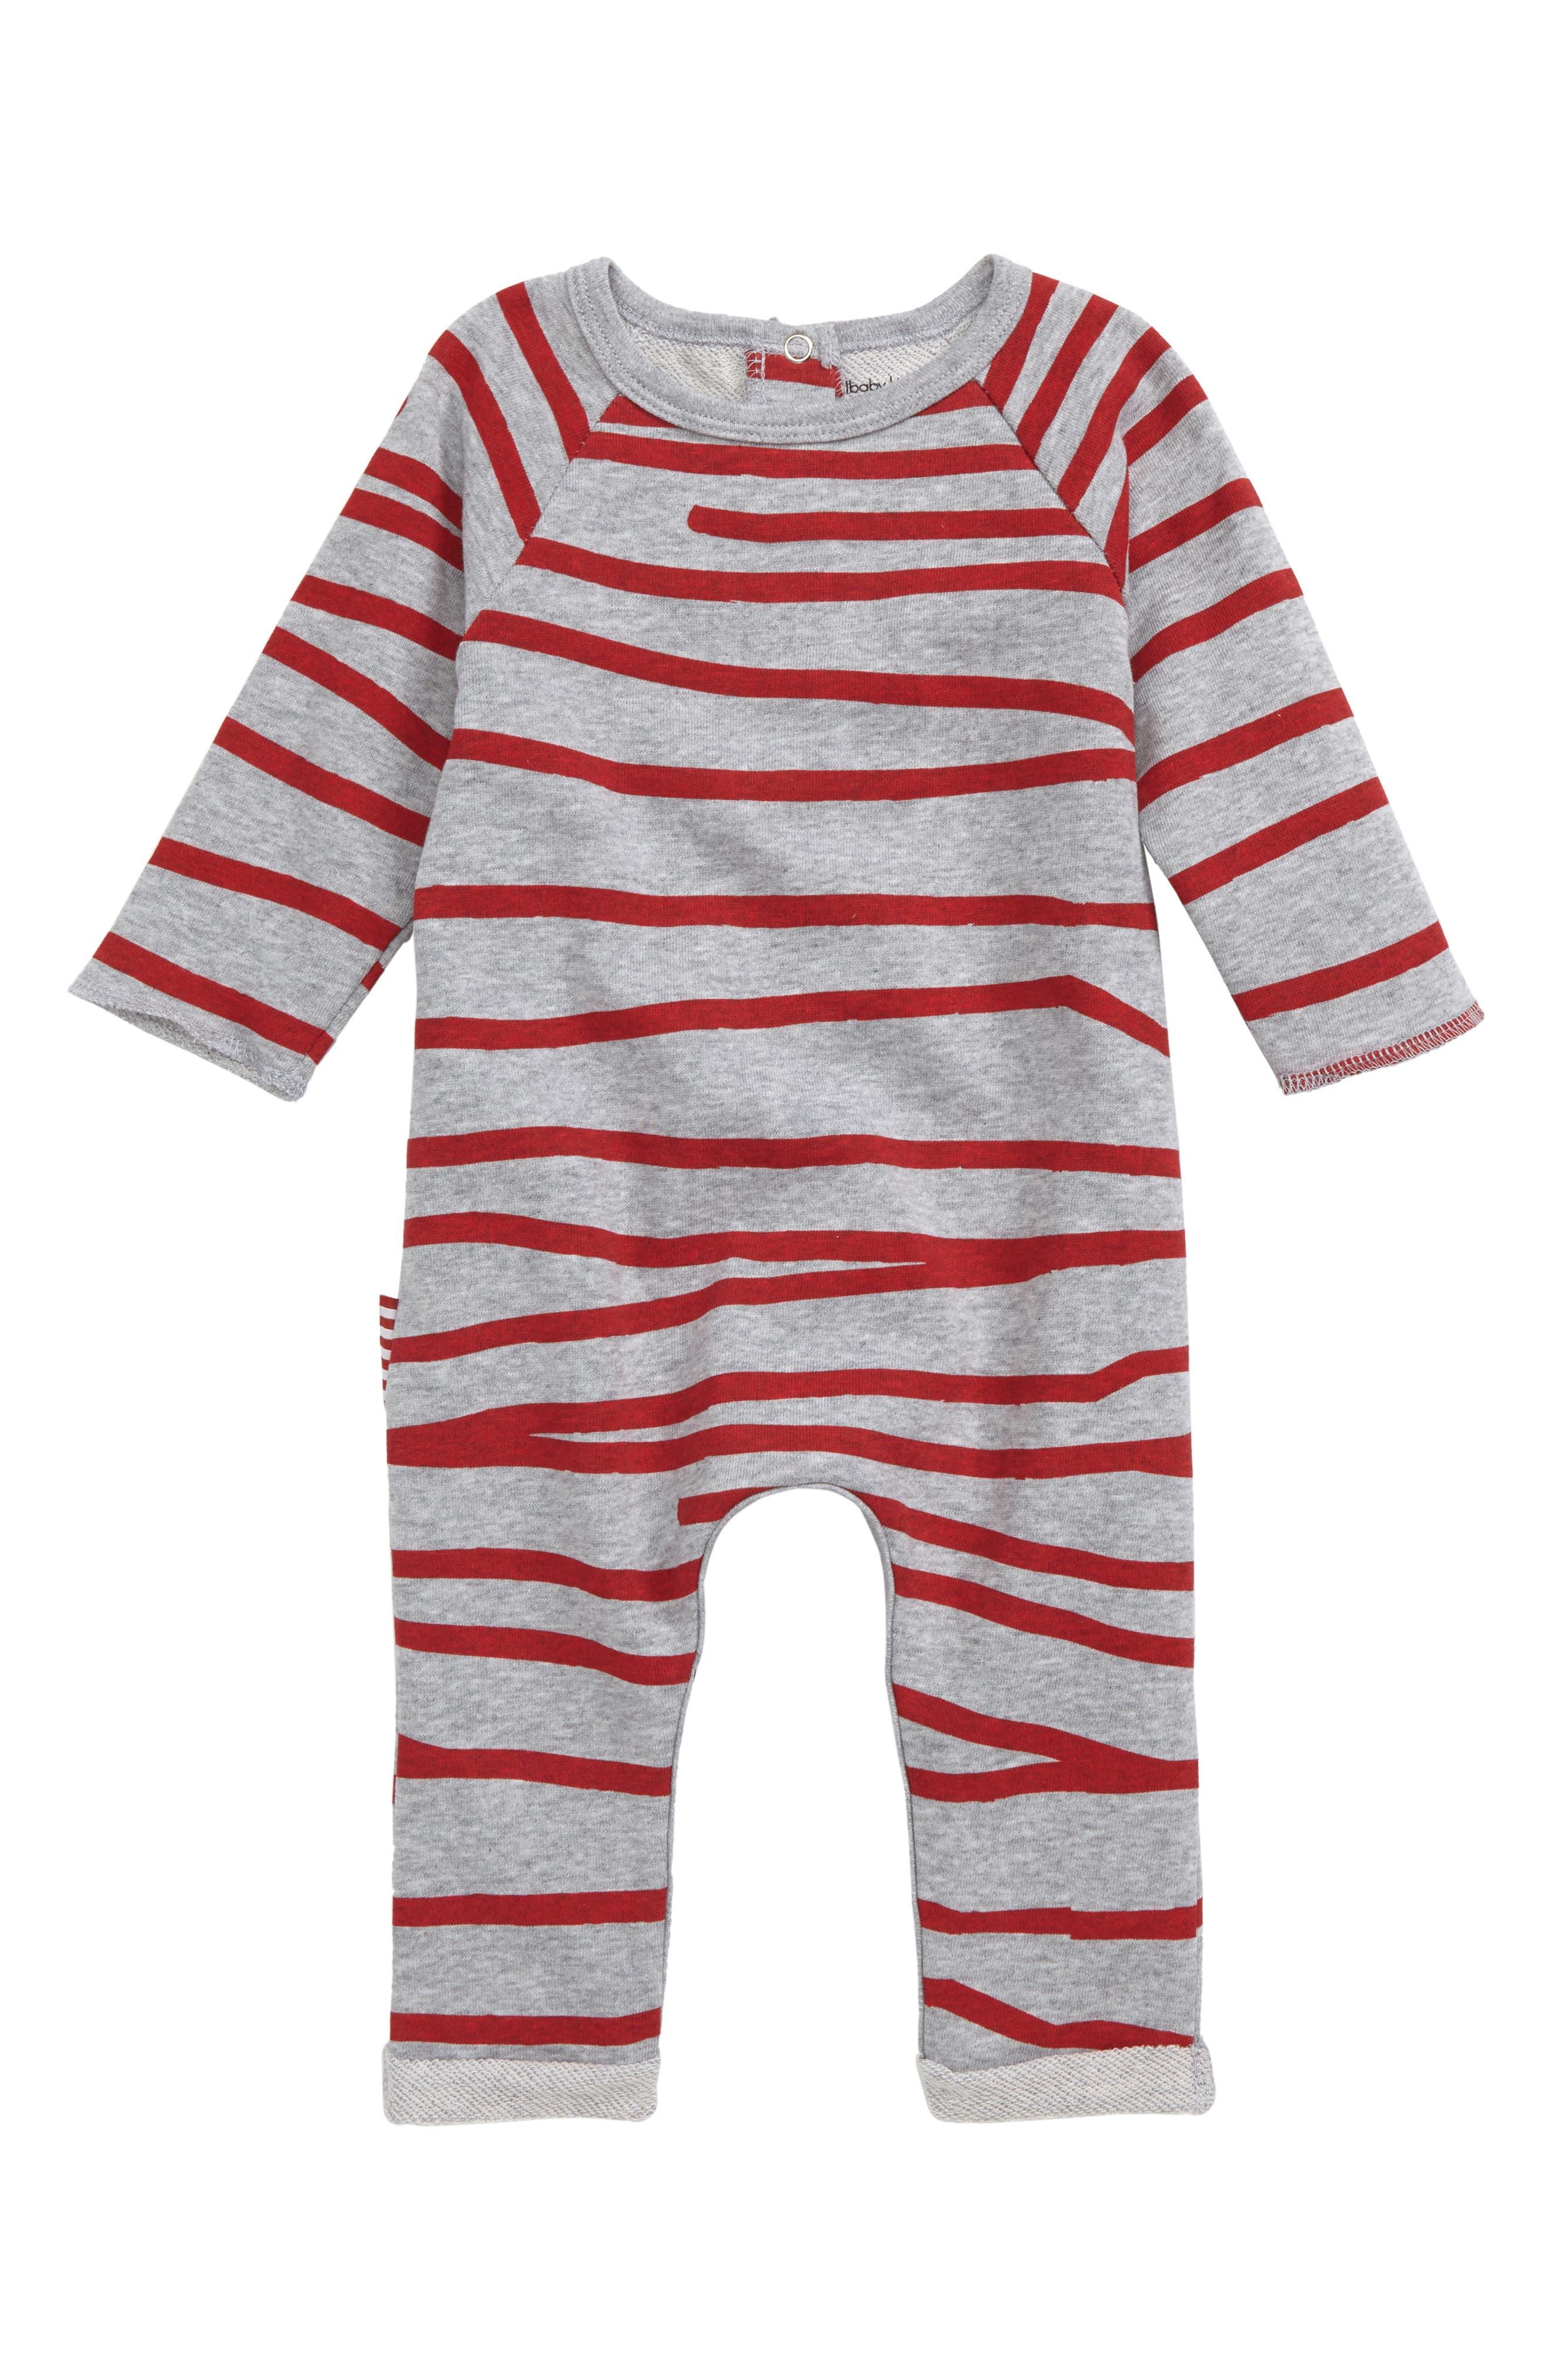 Alternate Image 1 Selected - SOOKIbaby Stripe Romper (Baby)